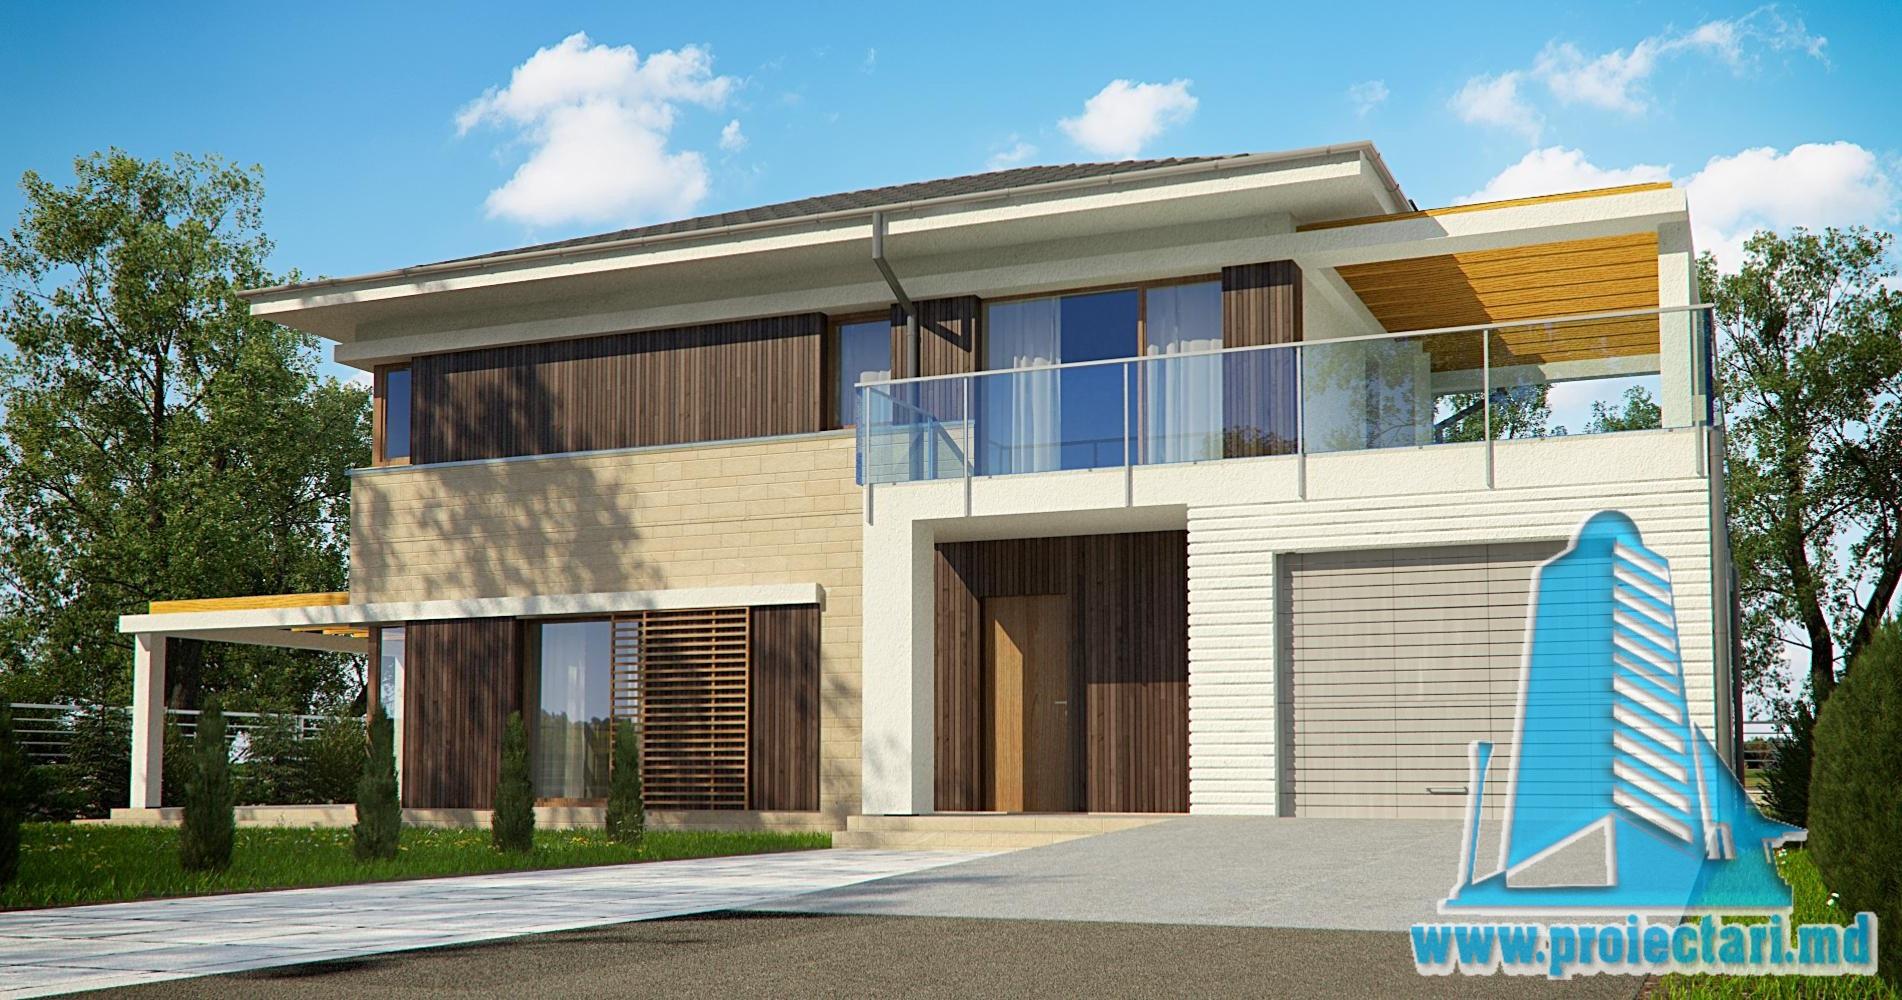 Проект двухэтажного дома c гаражом и летней террасой -270m2-100983